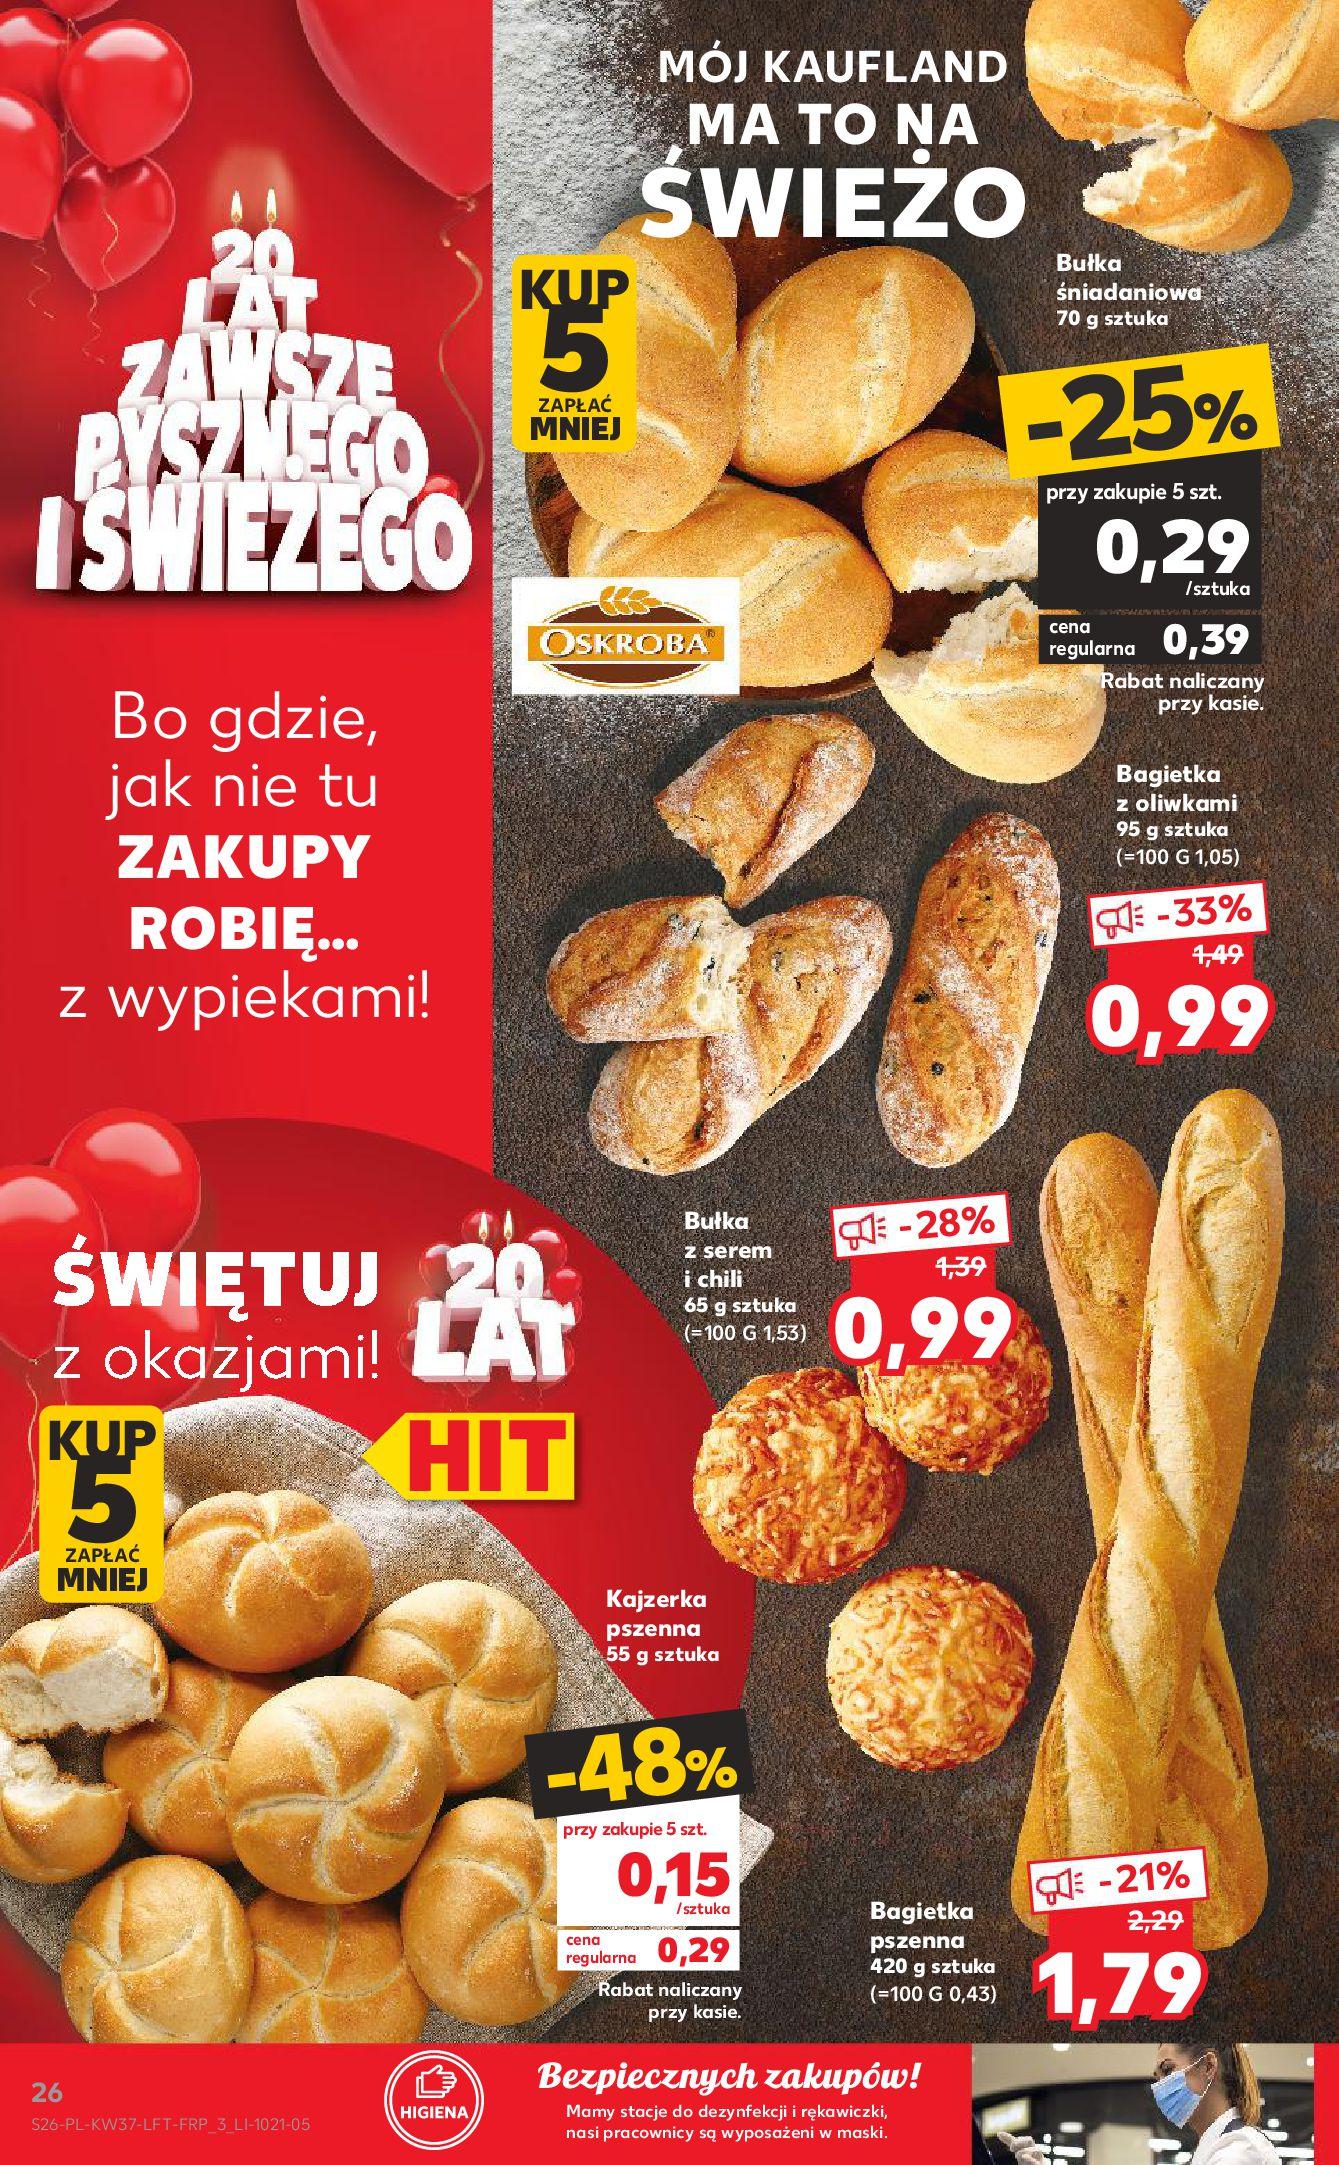 Gazetka Kaufland: Gazetka Kaufland - urodziny 20 lat 2021-09-16 page-26